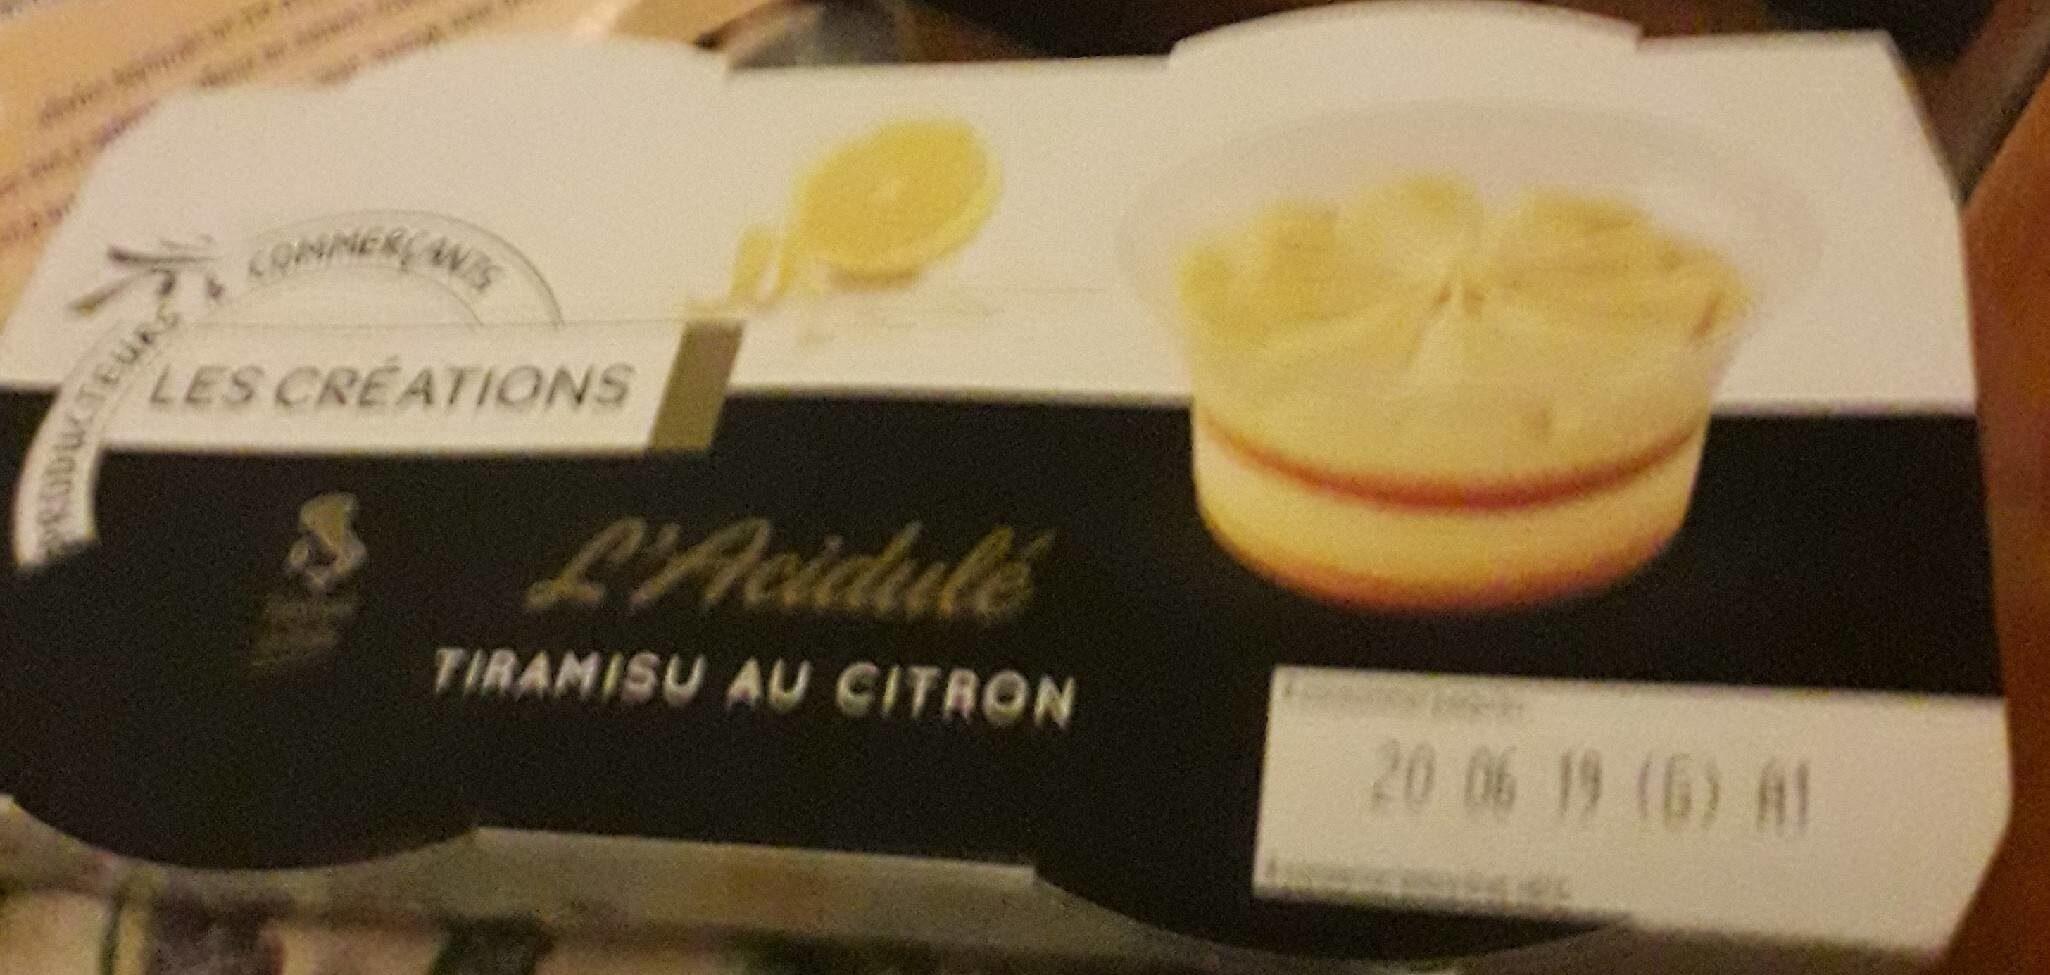 Tiramisu au citron  L'acidité  Les Créations - Product